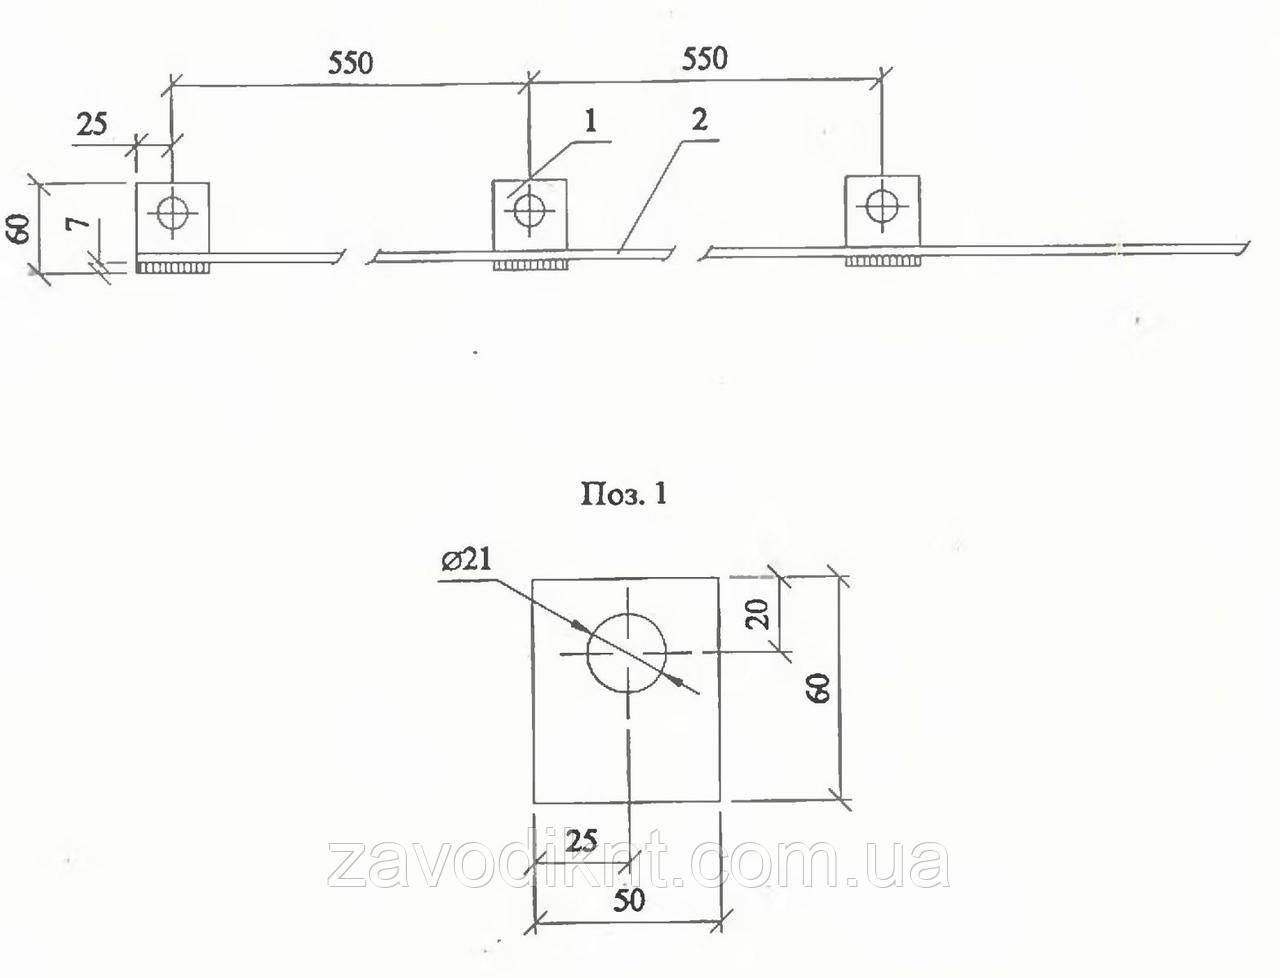 Заземляющий проводник ЗП6